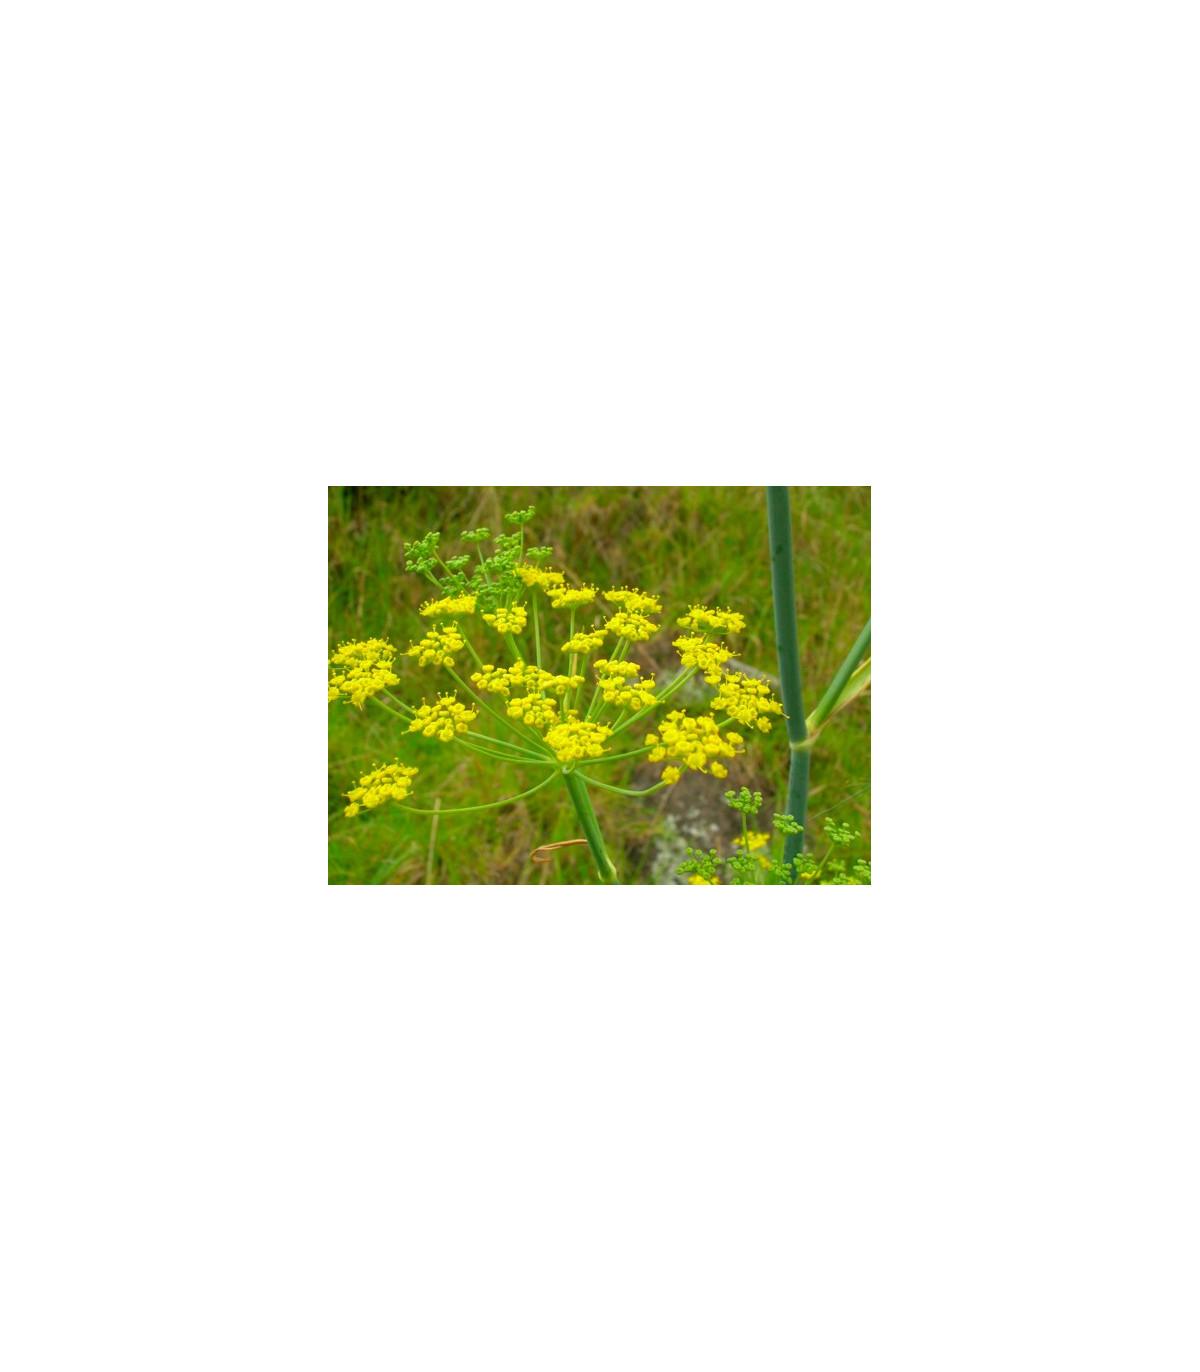 Fenykl sladký do salátů - semínka Fenyklu - Foeniculum vulgare Mill. - 30 ks